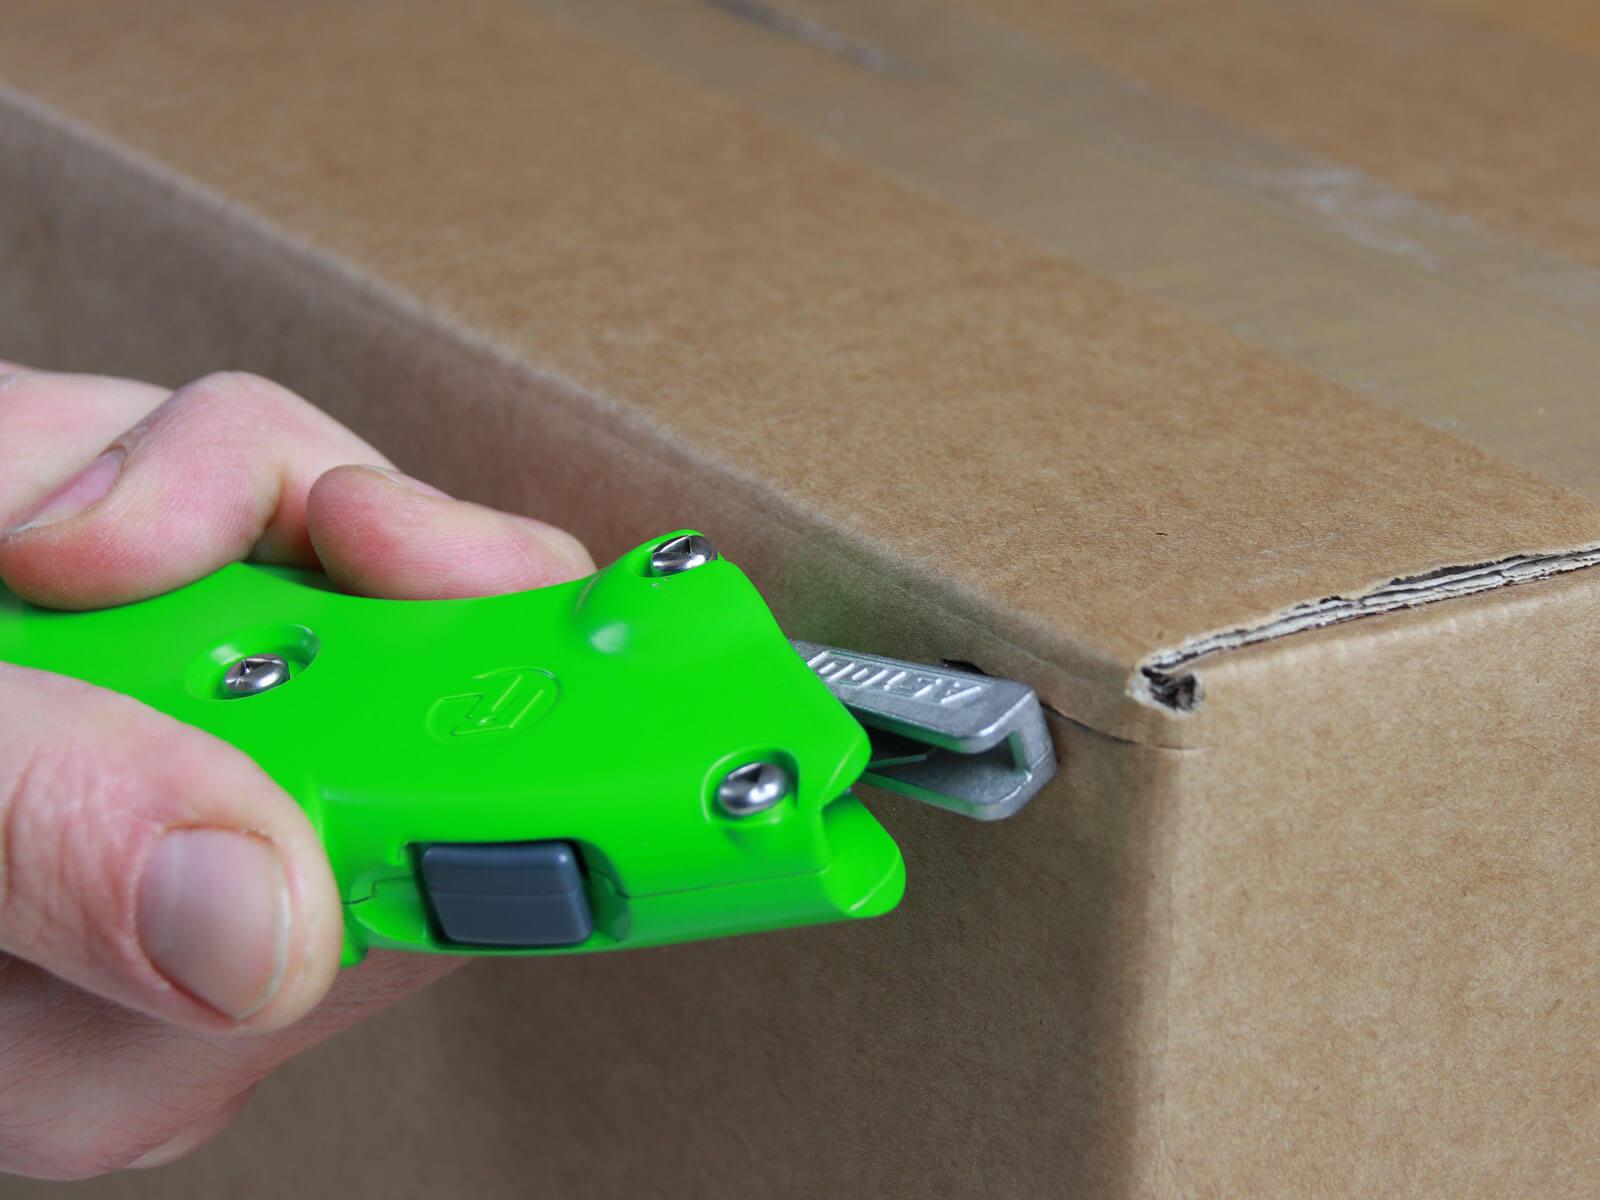 UAS100 Sicherheitsmesser vollautomatischer Klingenschutz Karton schneiden abdeckeln CURT-tools